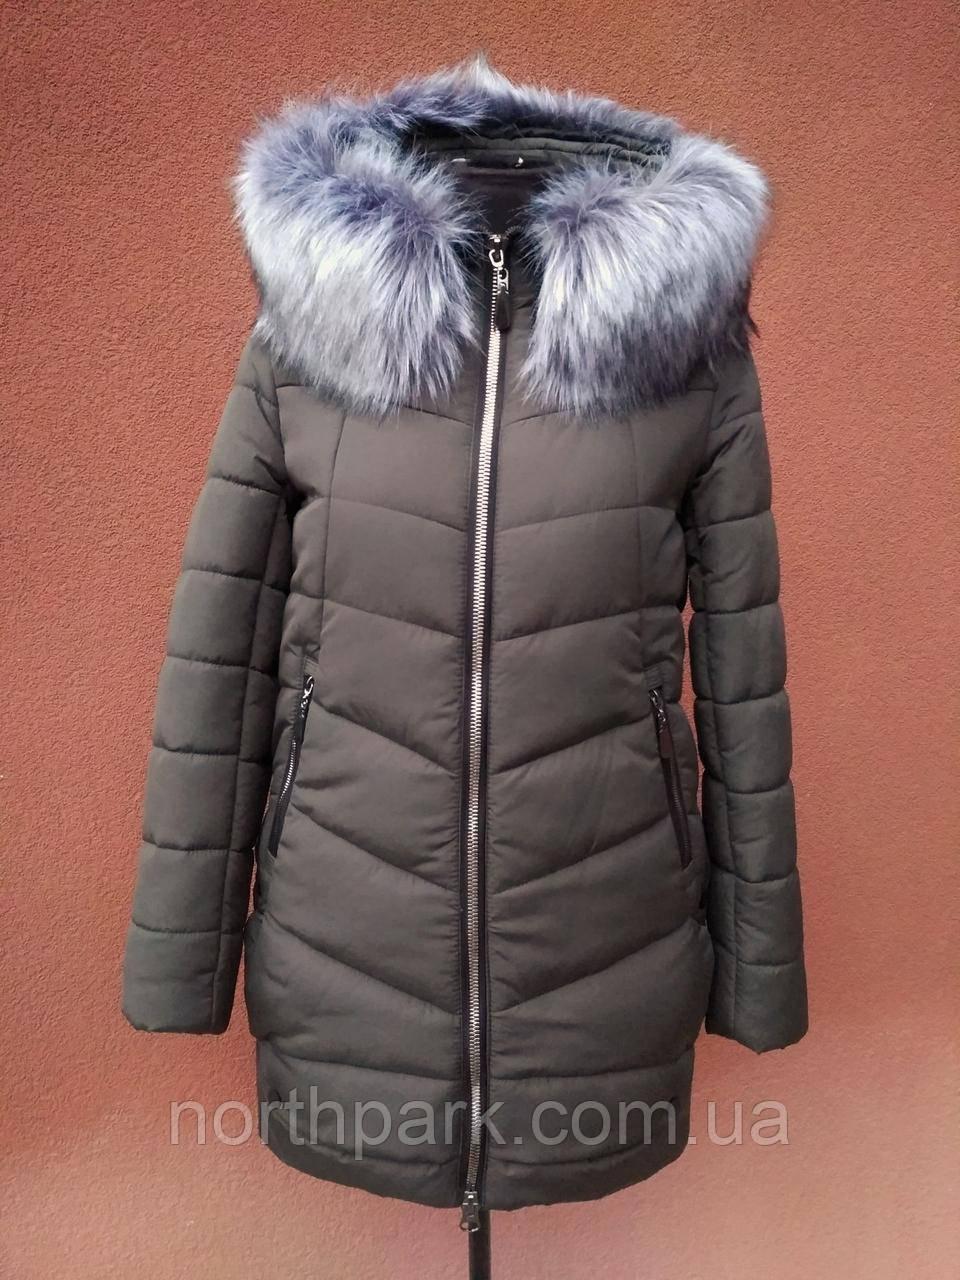 Довга зимова куртка VS Z-148, хакі